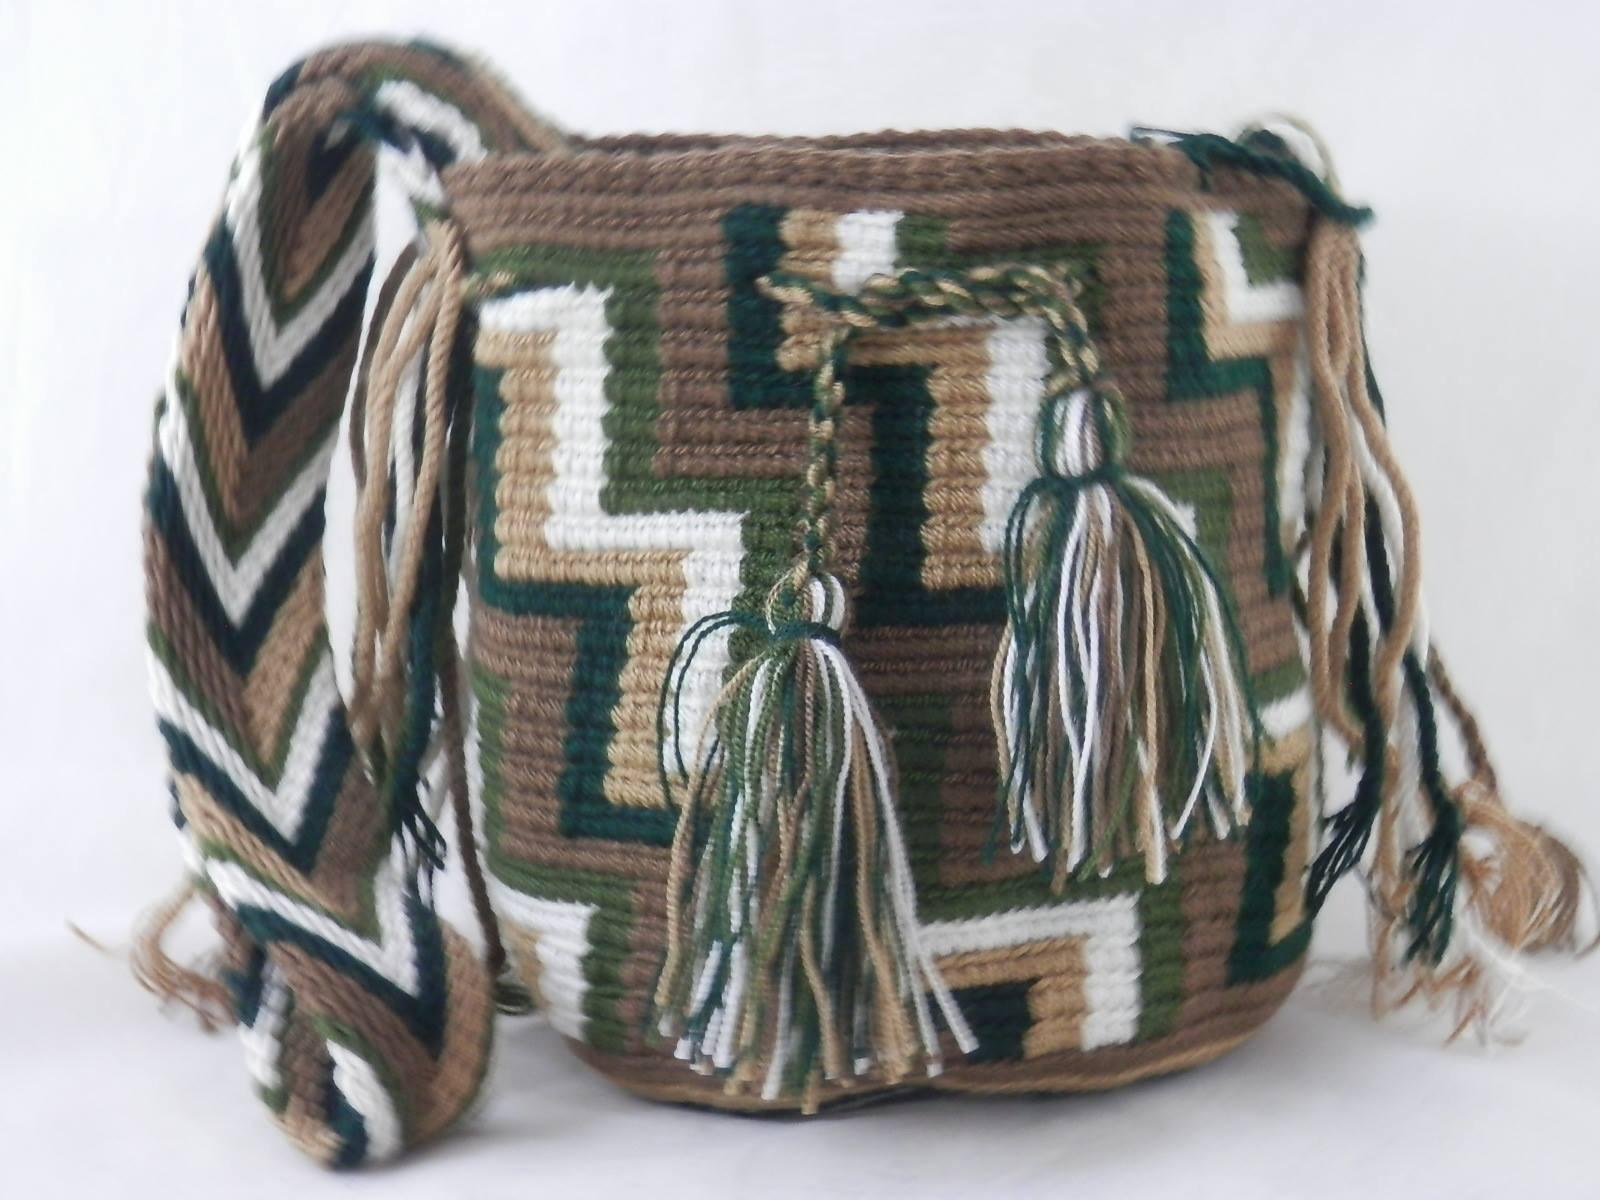 IWayuu Bag byPPS-MG_9486